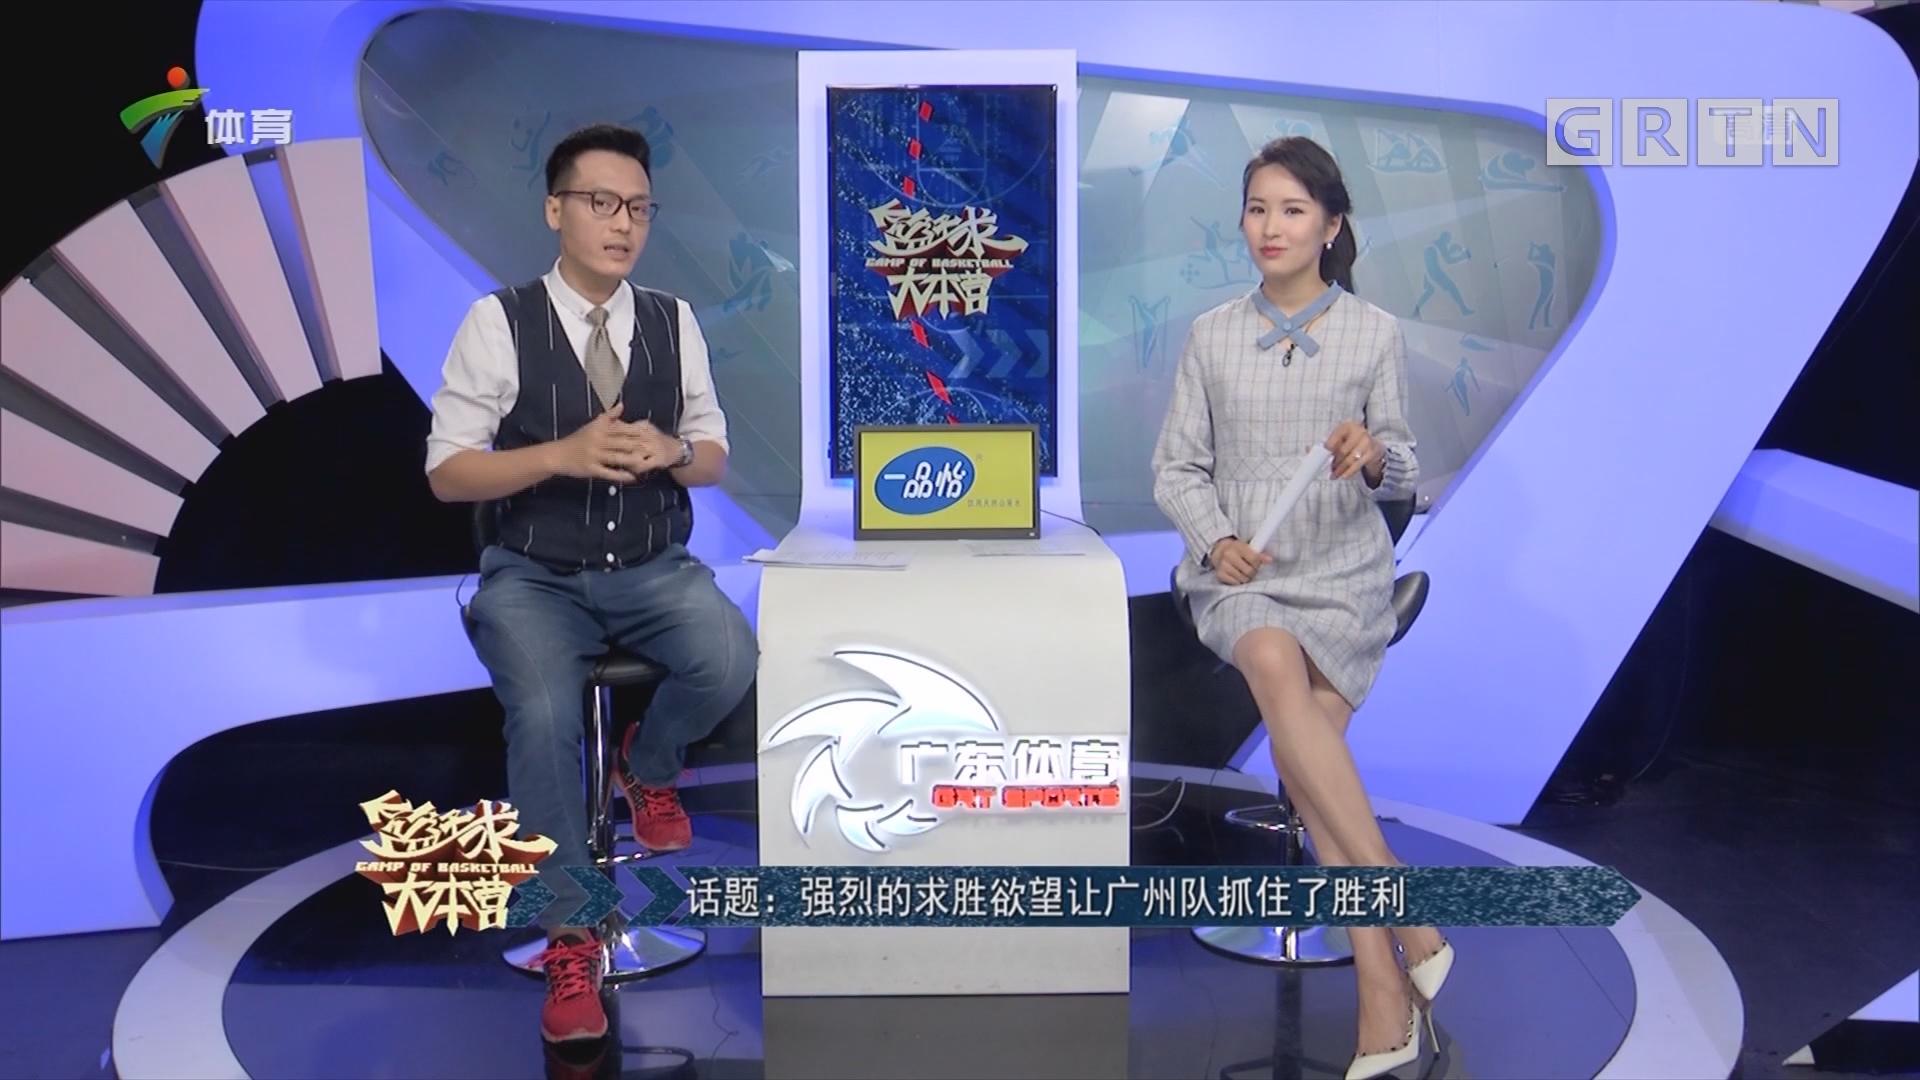 话题:强烈的求胜欲望让广州队抓住了胜利